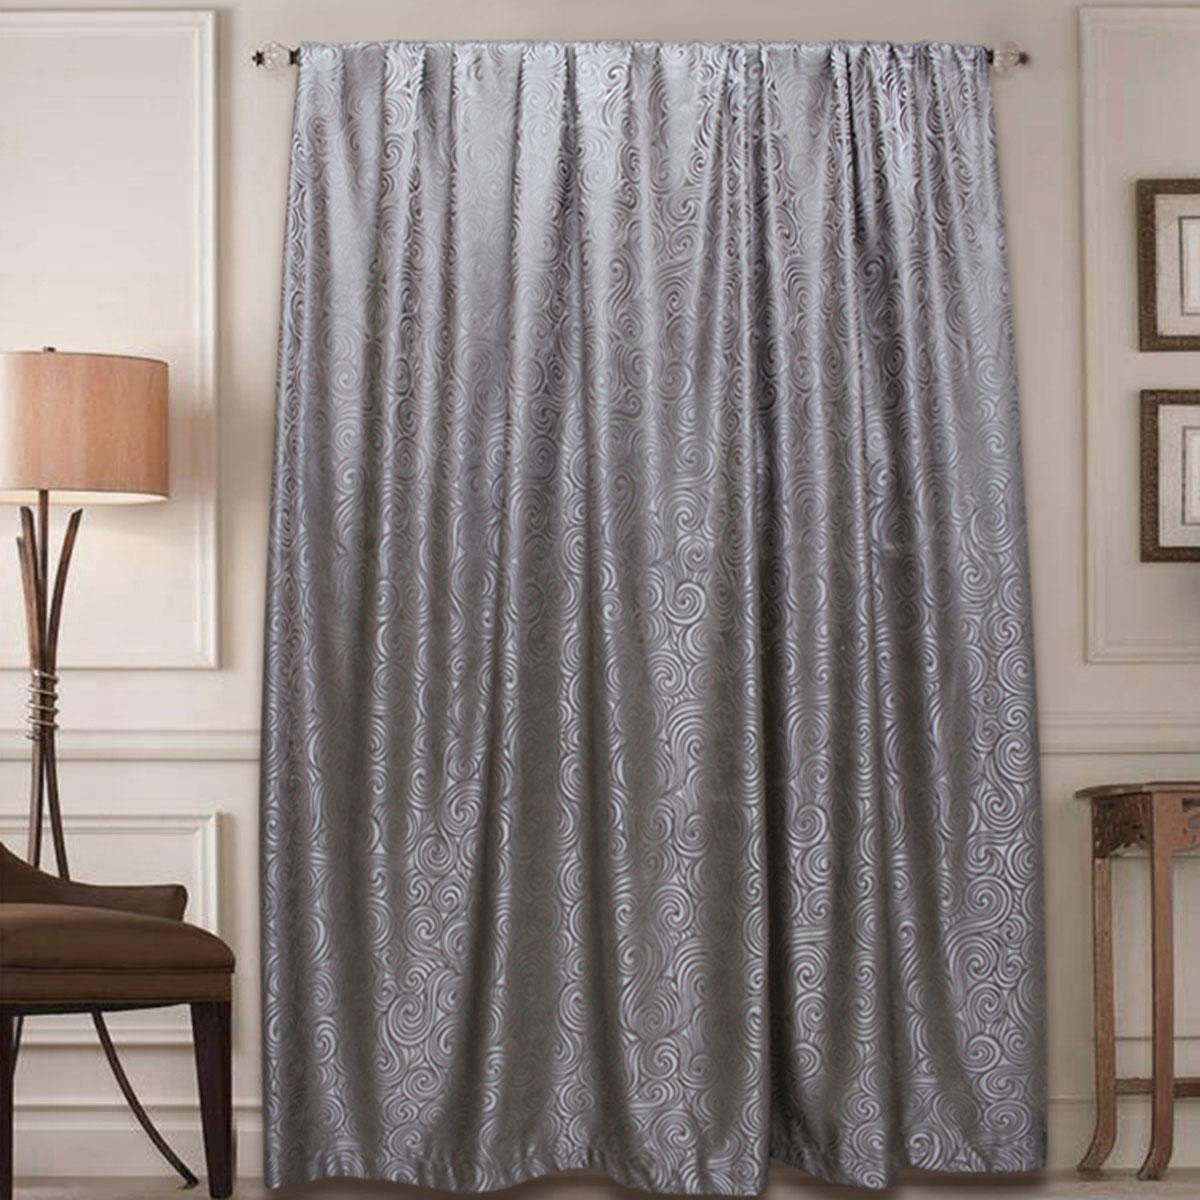 Штора Amore Mio, на ленте, цвет: серый, высота 270 см77631Готовая штора Amore Mio - это роскошная портьера для яркого и стильного оформления окон и создания особенной уютной атмосферы. Она великолепно смотрится как одна, так и в паре, в комбинации с нежной тюлевой занавеской, собранная на подхваты и свободно ниспадающая естественными складками. Такая штора, изготовленная полностью из прочного и очень практичного полиэстера, долговечна и не боится стирок, не сминается, не теряет своего блеска и яркости красок.